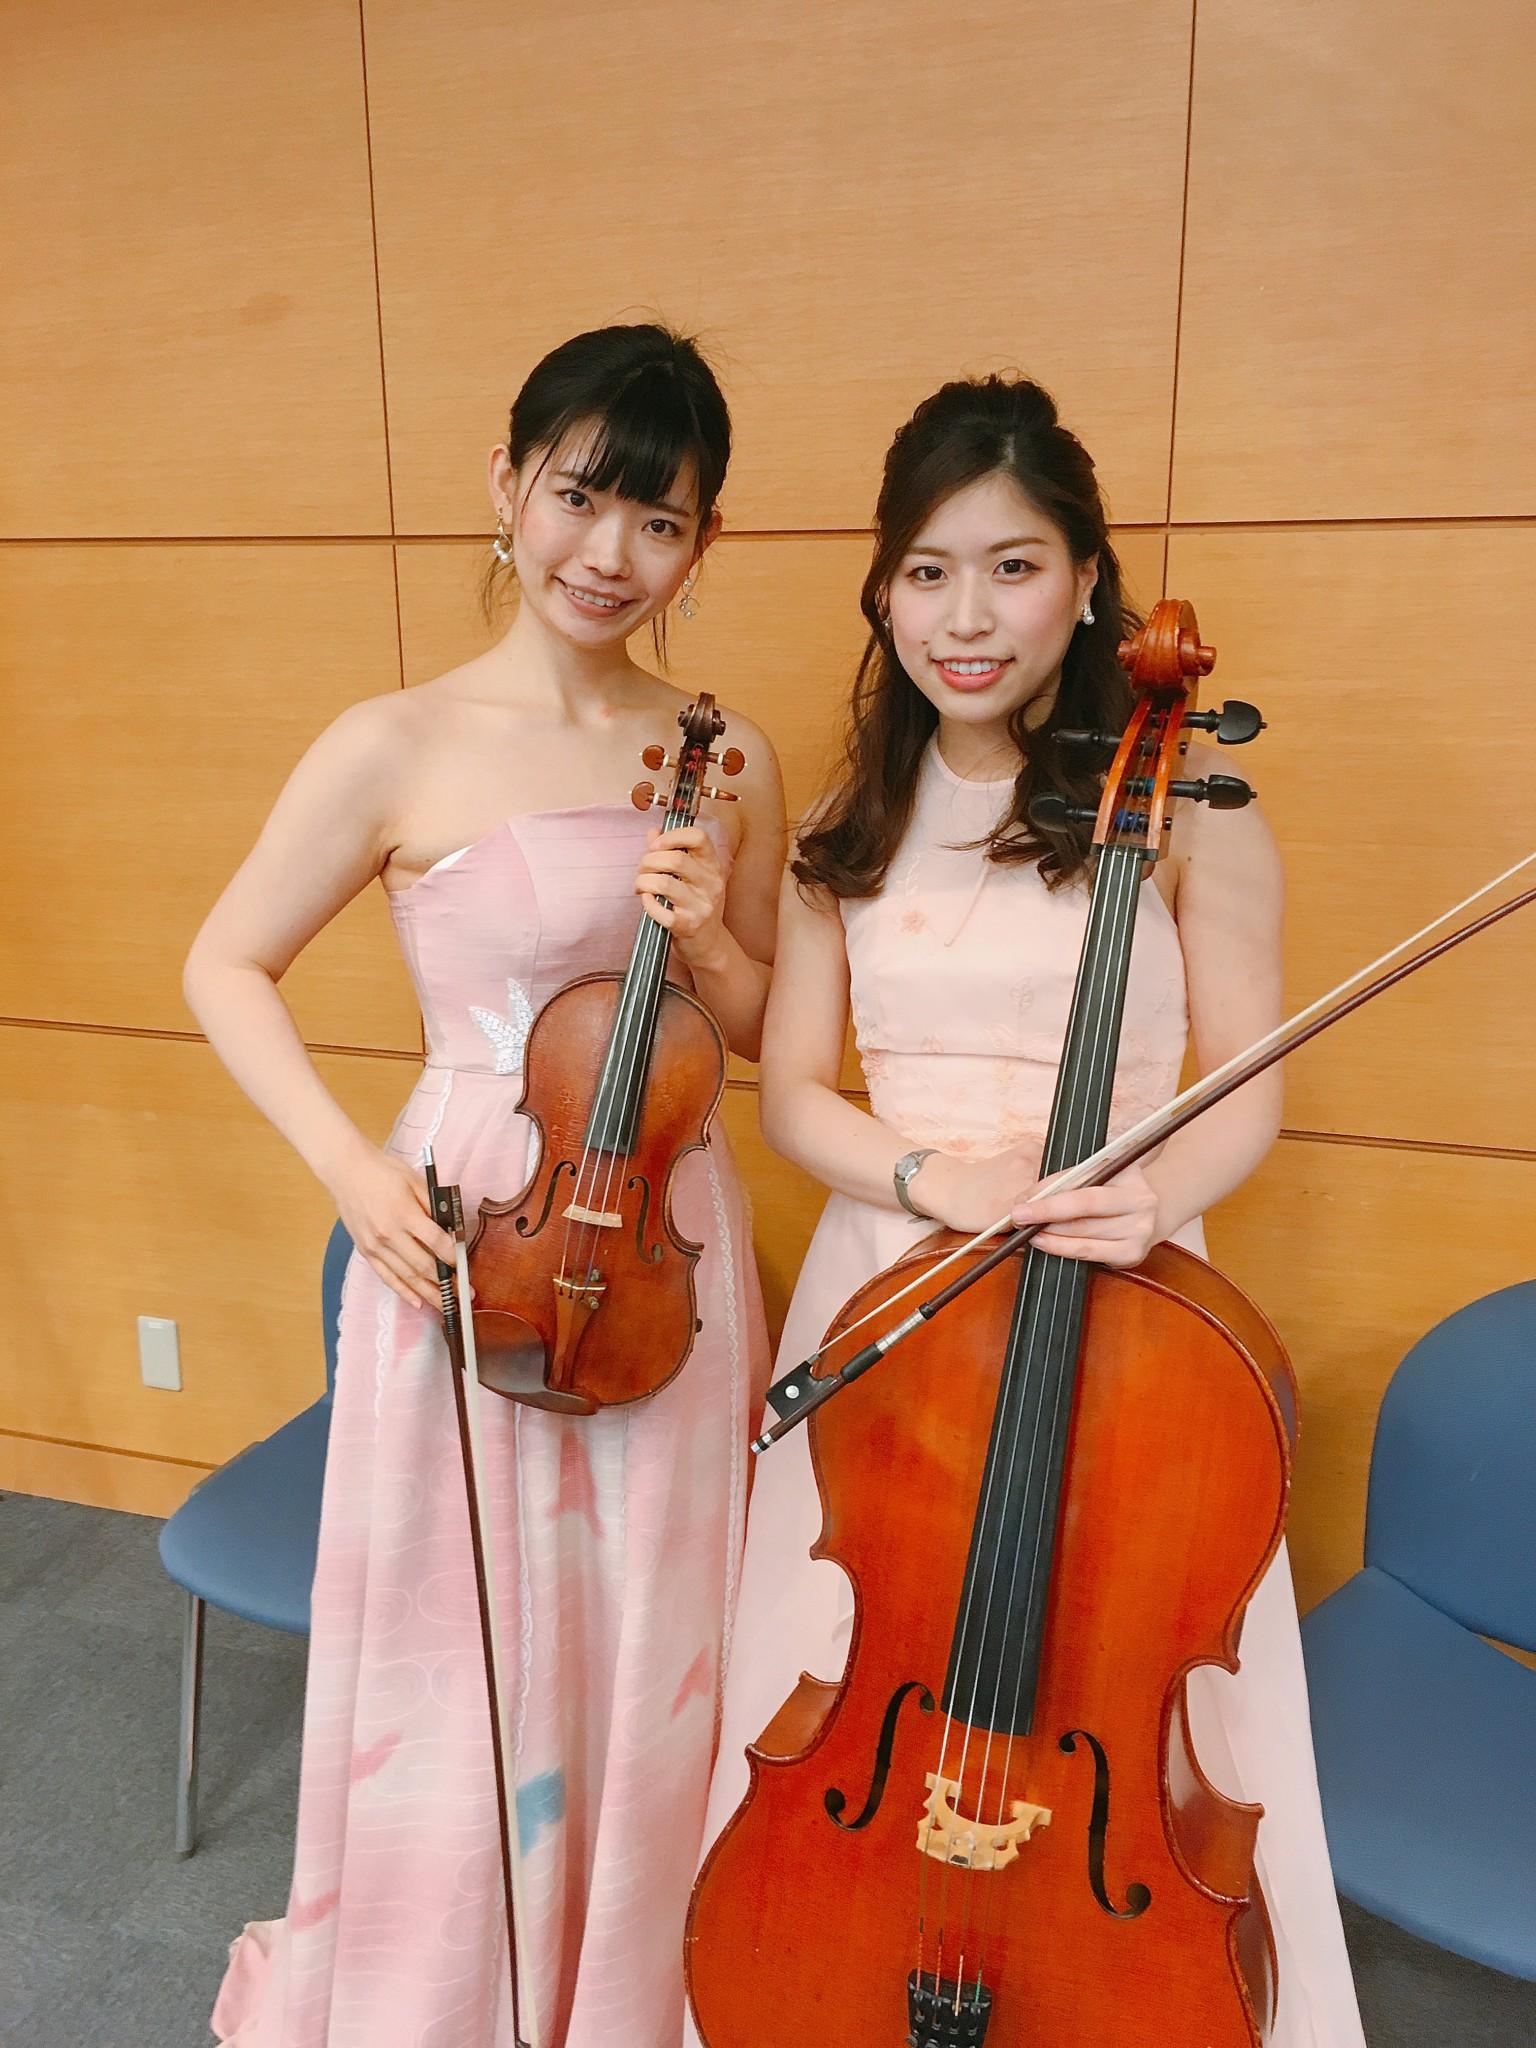 ヴァイオリンとチェロの二重奏で生演奏でした。大変お喜びいただきました